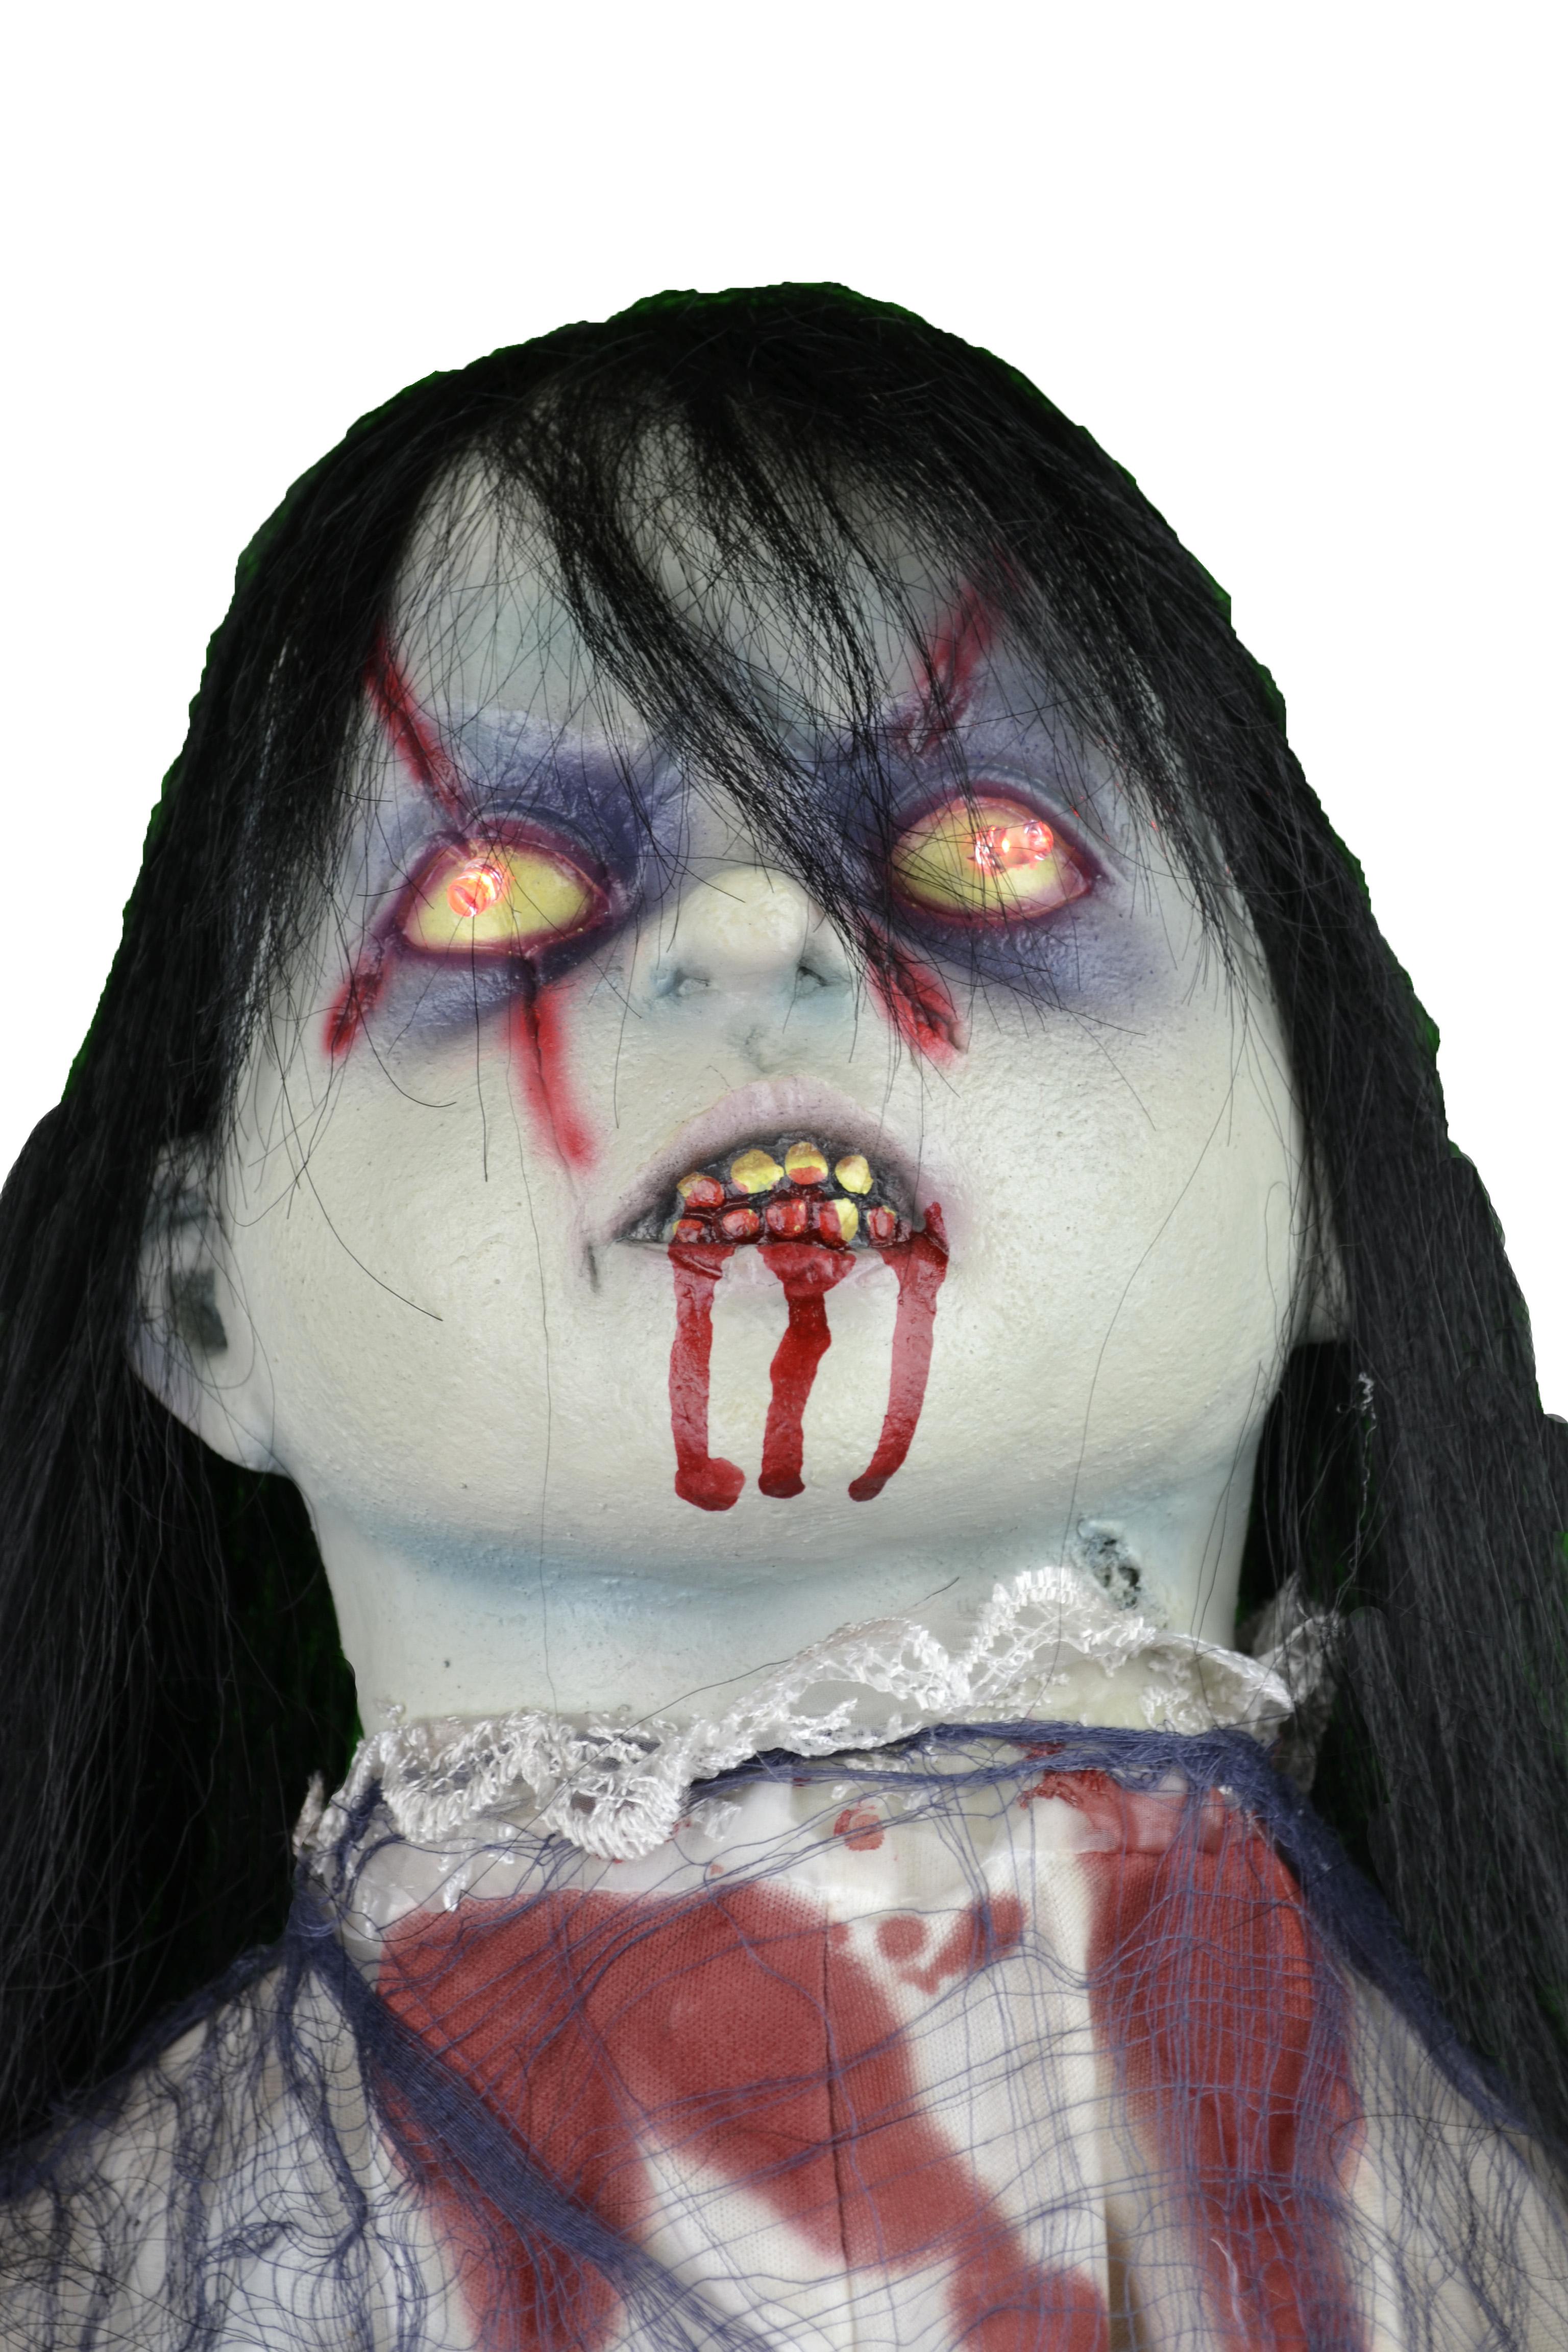 Walking Zombie Girl Animated Prop 350240